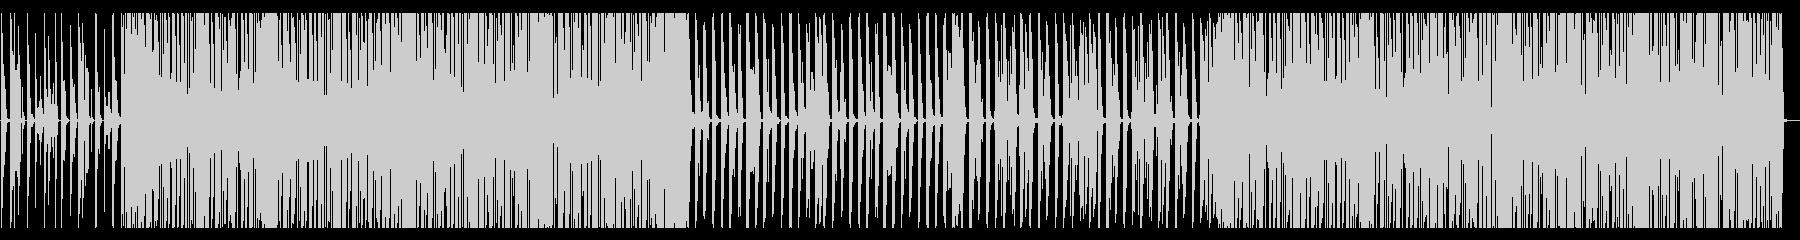 賑やかなディスコの未再生の波形